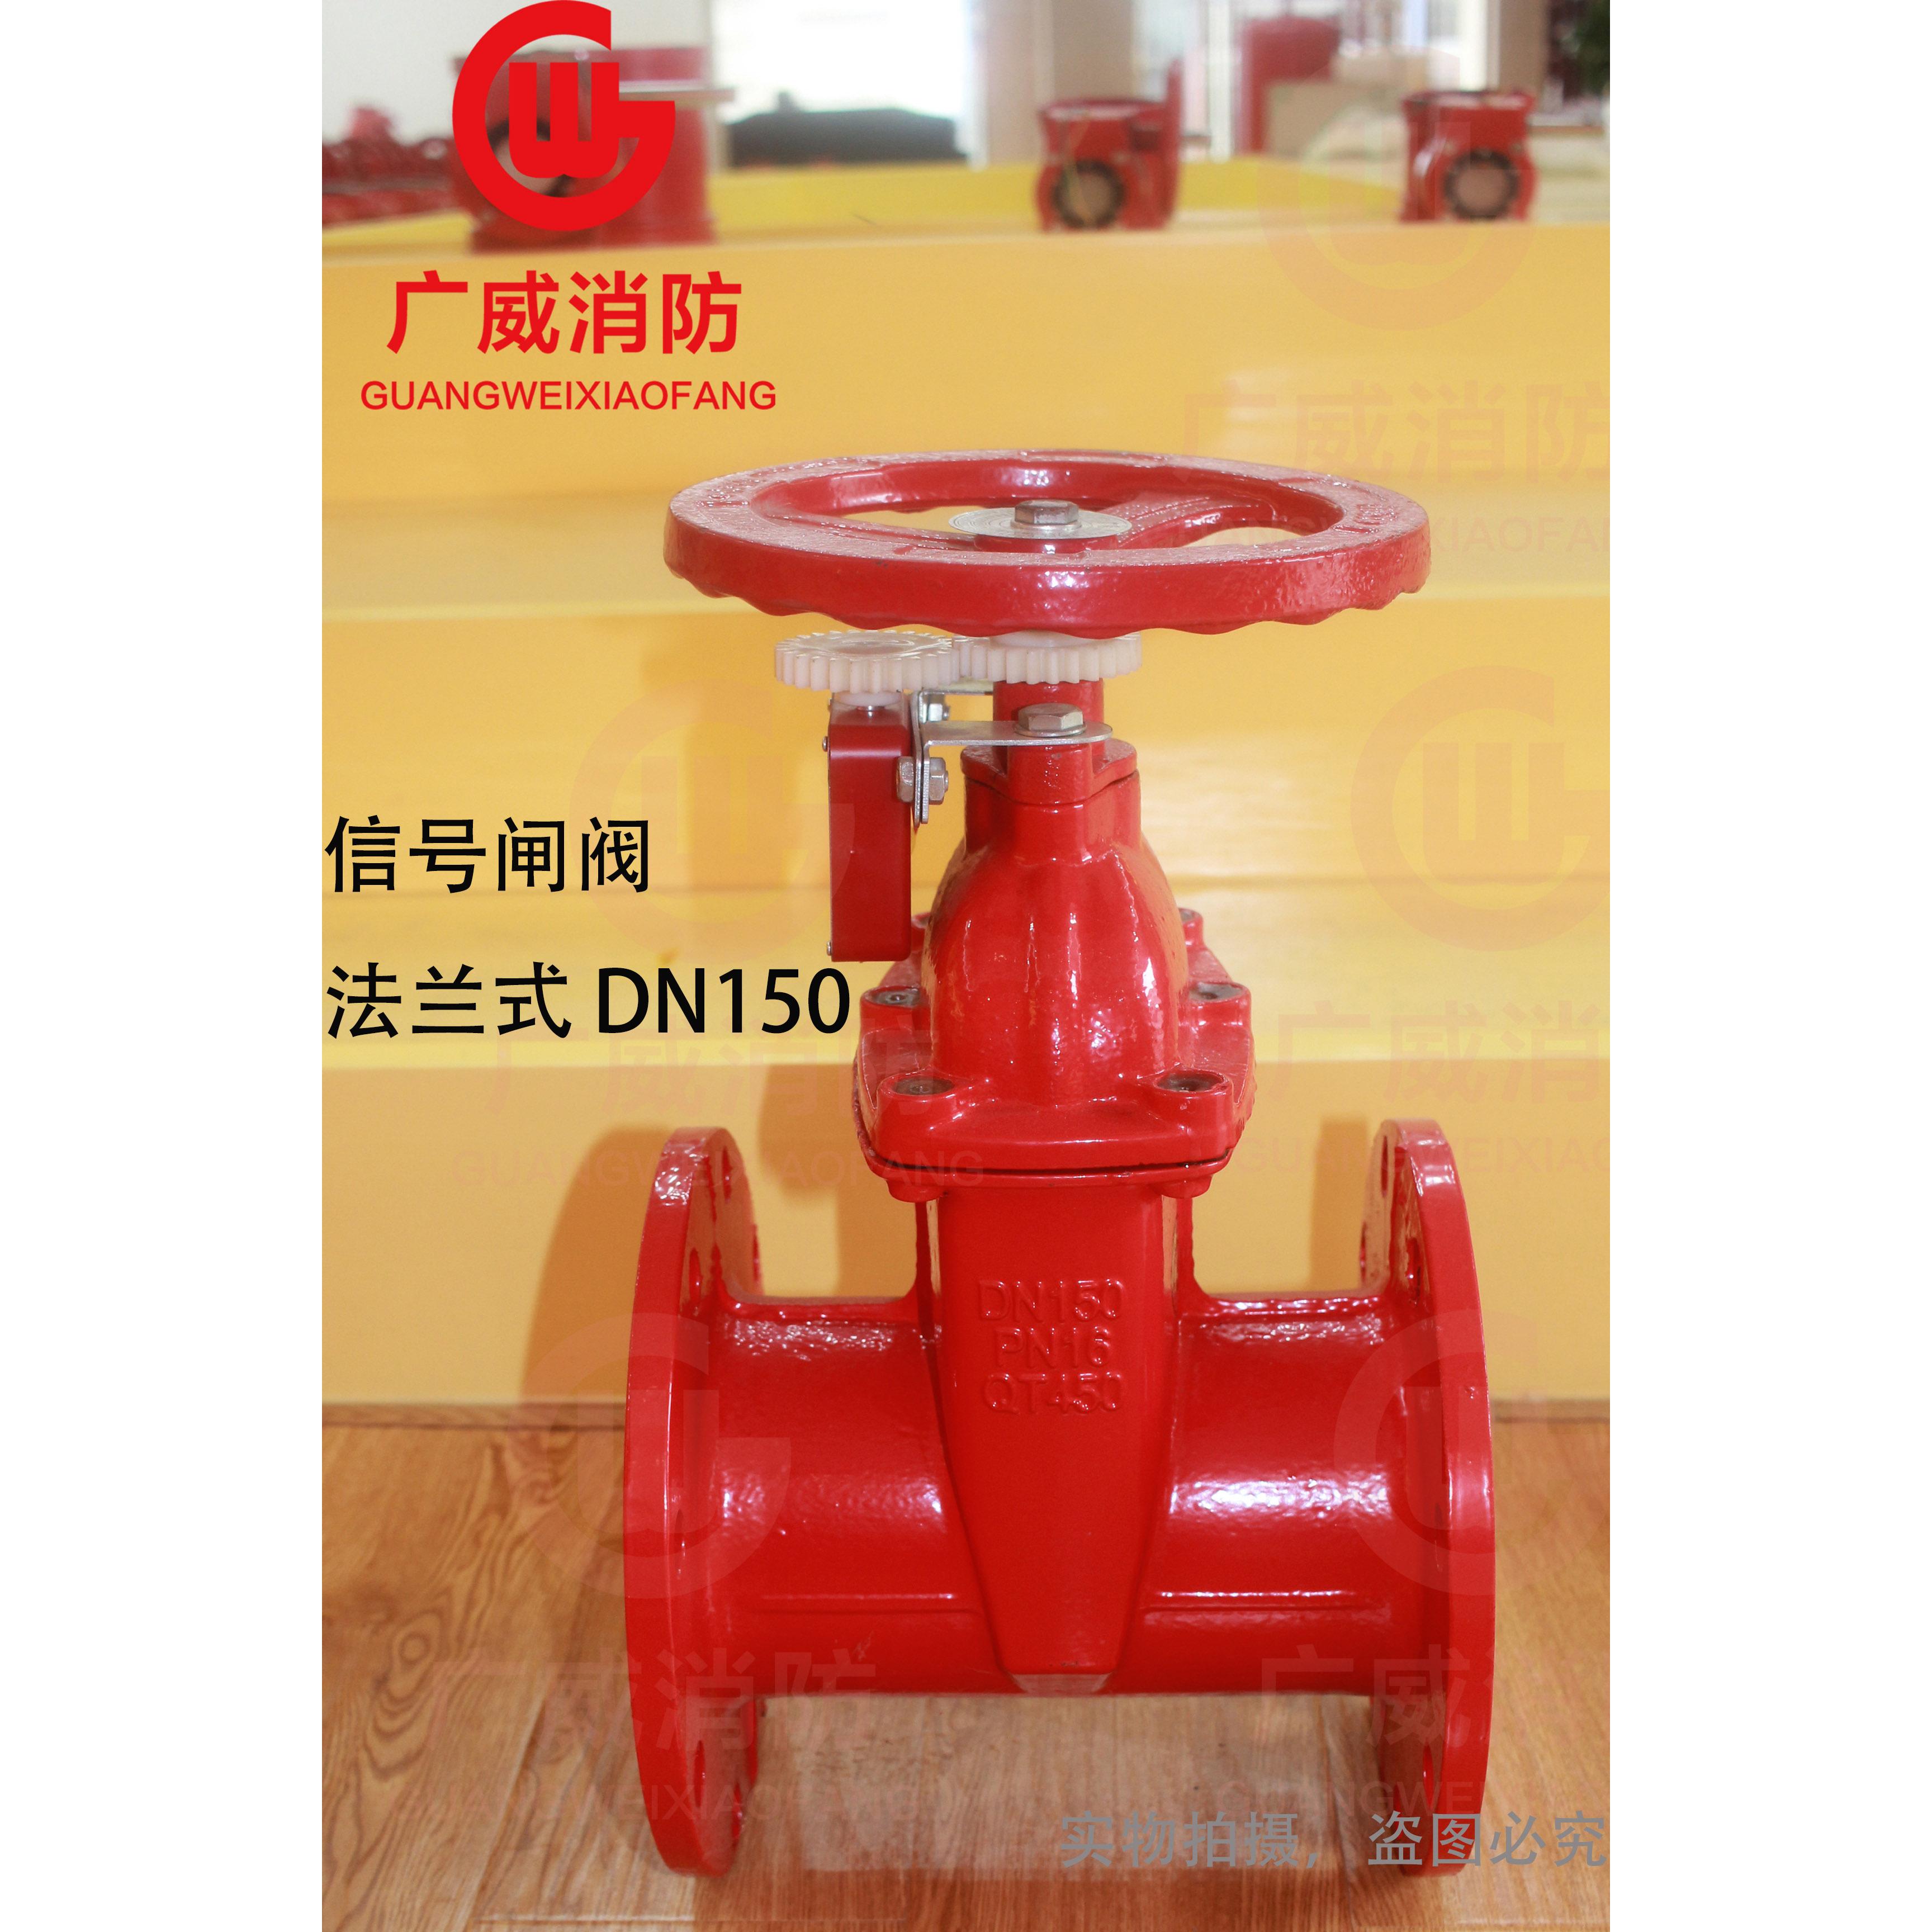 <em style='color:red'>消防</em><em style='color:red'>信號</em><em style='color:red'>閘閥</em>(<em style='color:red'>暗桿</em><em style='color:red'>法蘭</em>式)圖片